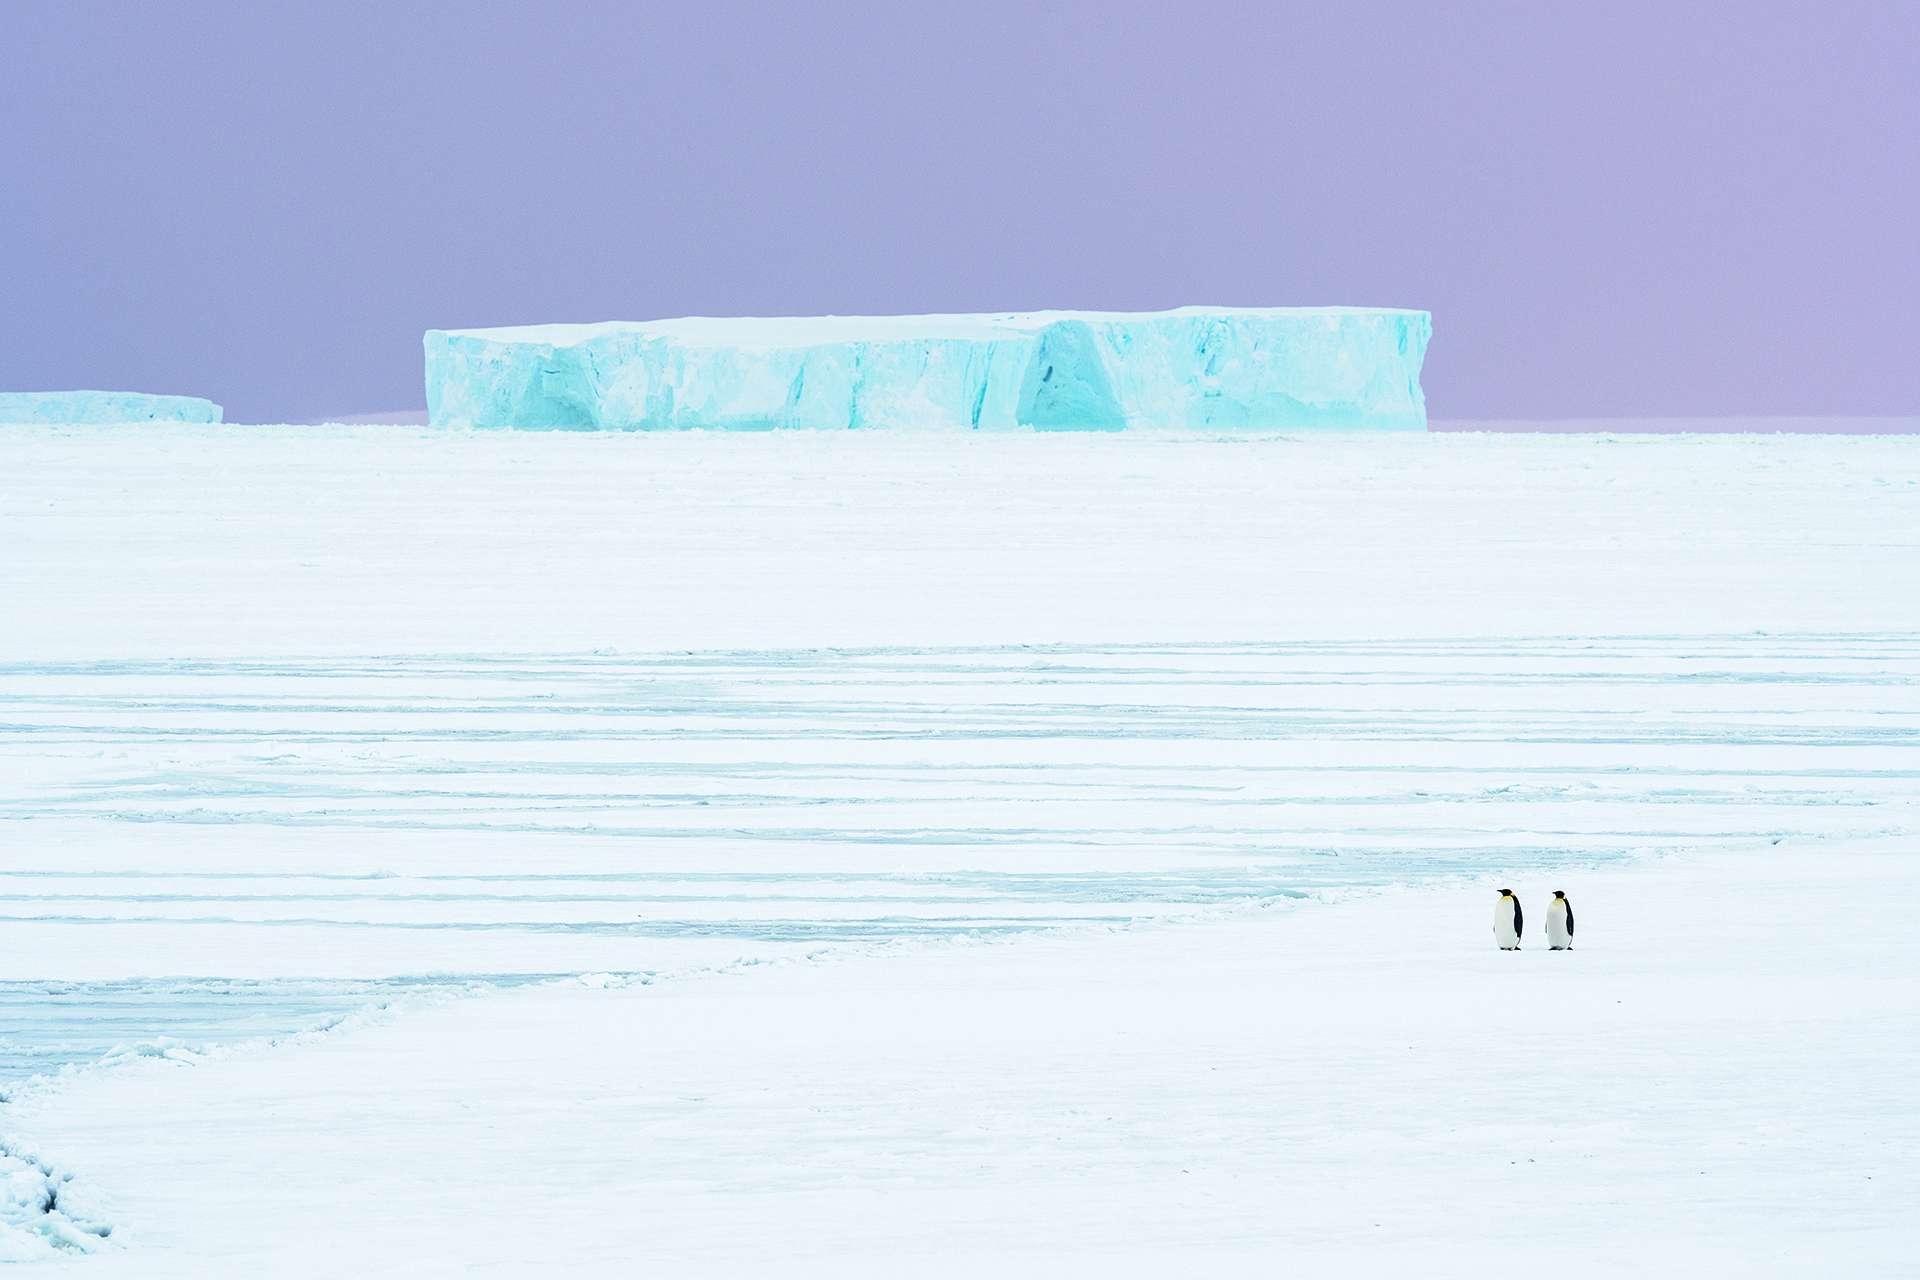 企鵝在秋天展開約10公里的旅程,從海中前往牠們在阿特卡灣的繁殖地。然而,變暖的氣候正造成牠們尋找配偶、繁殖後代與養育雛鳥所不可或缺的海冰日益消融。 PHOTO: STEFAN CHRISTMANN